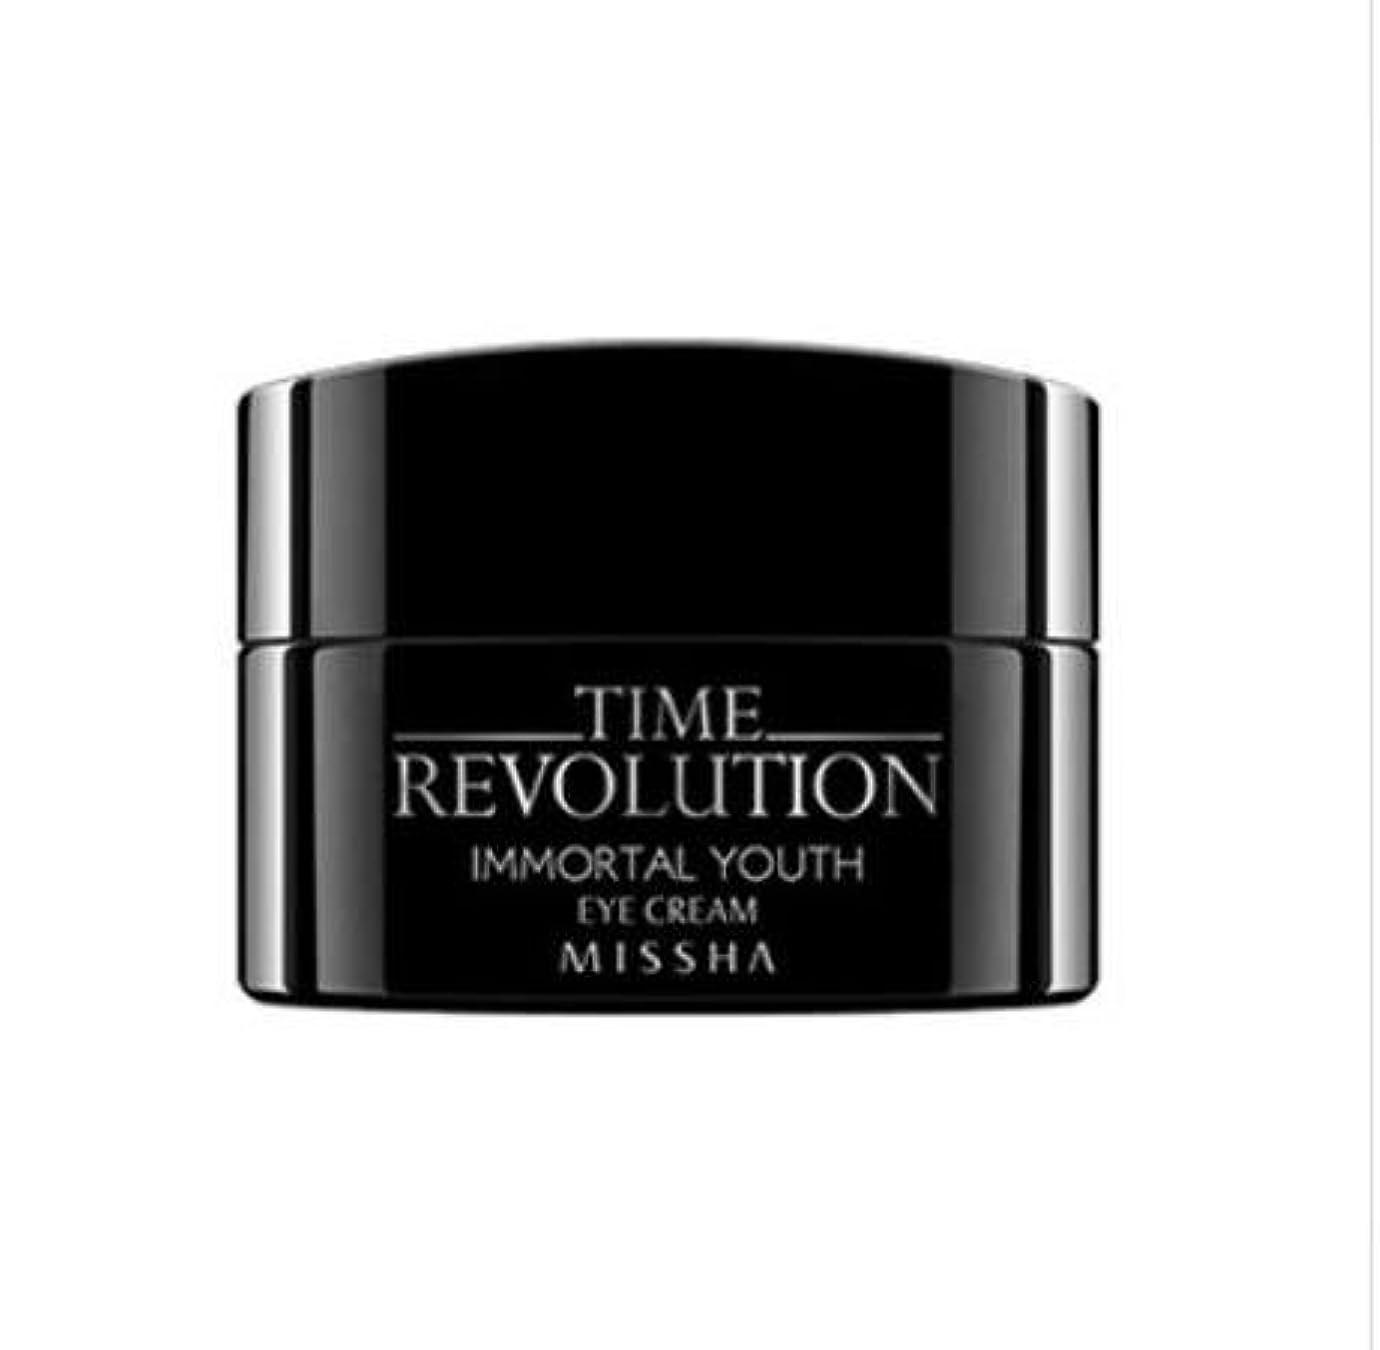 ワイプ始まりつまずく[ミシャ] Missha [タイムレボリューション イモタルユース アイクリーム](MISSHA Time Revolution Immortal Youth Eye Cream) [並行輸入品]